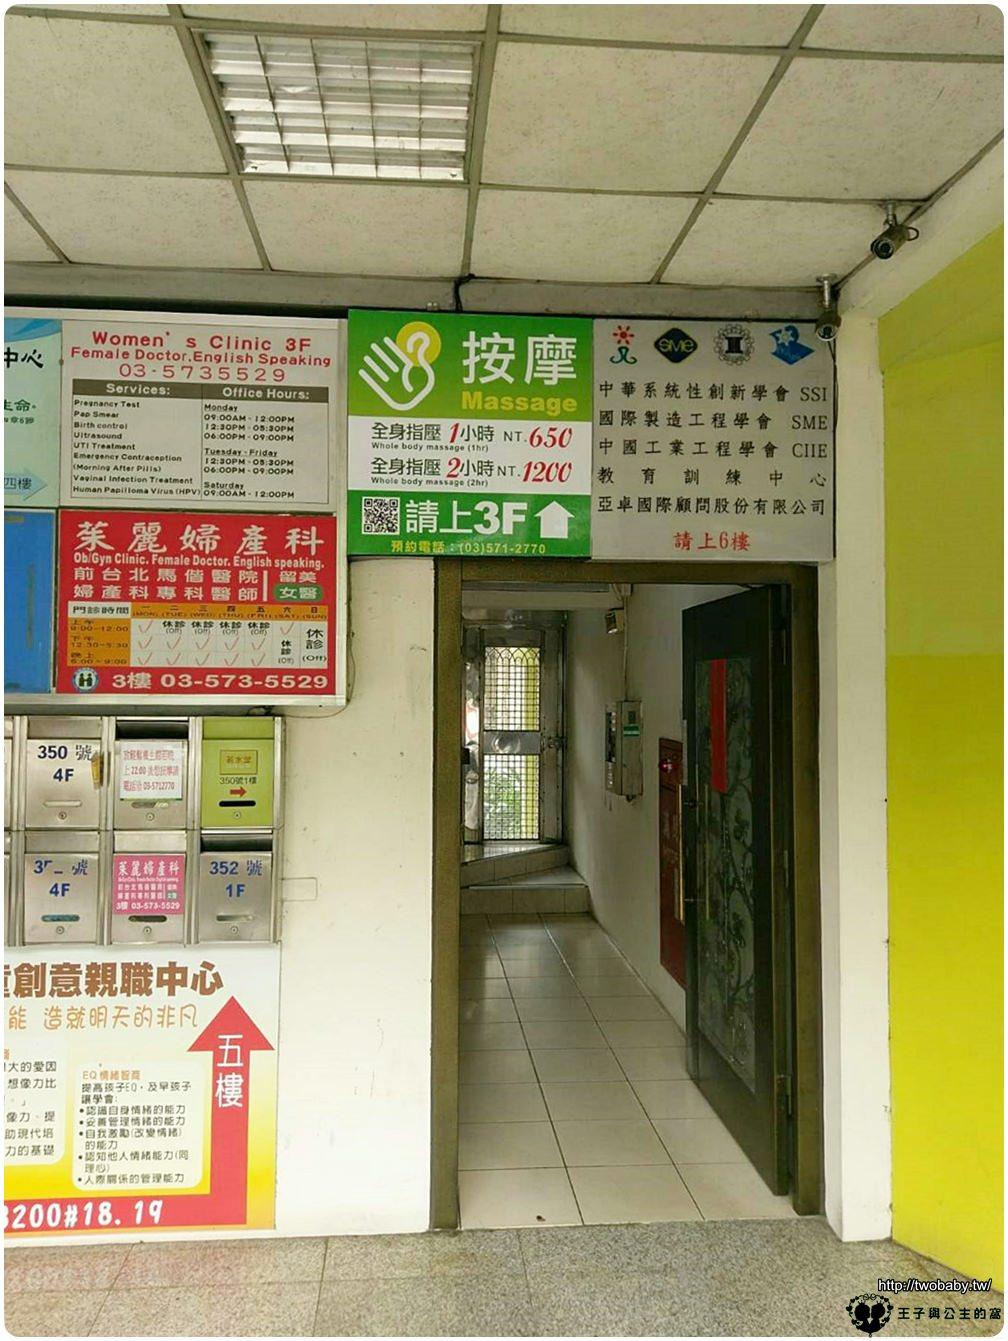 新竹按摩|新竹便宜按摩 FUN輕鬆/放輕鬆 清大店-值得推薦的新竹養生館